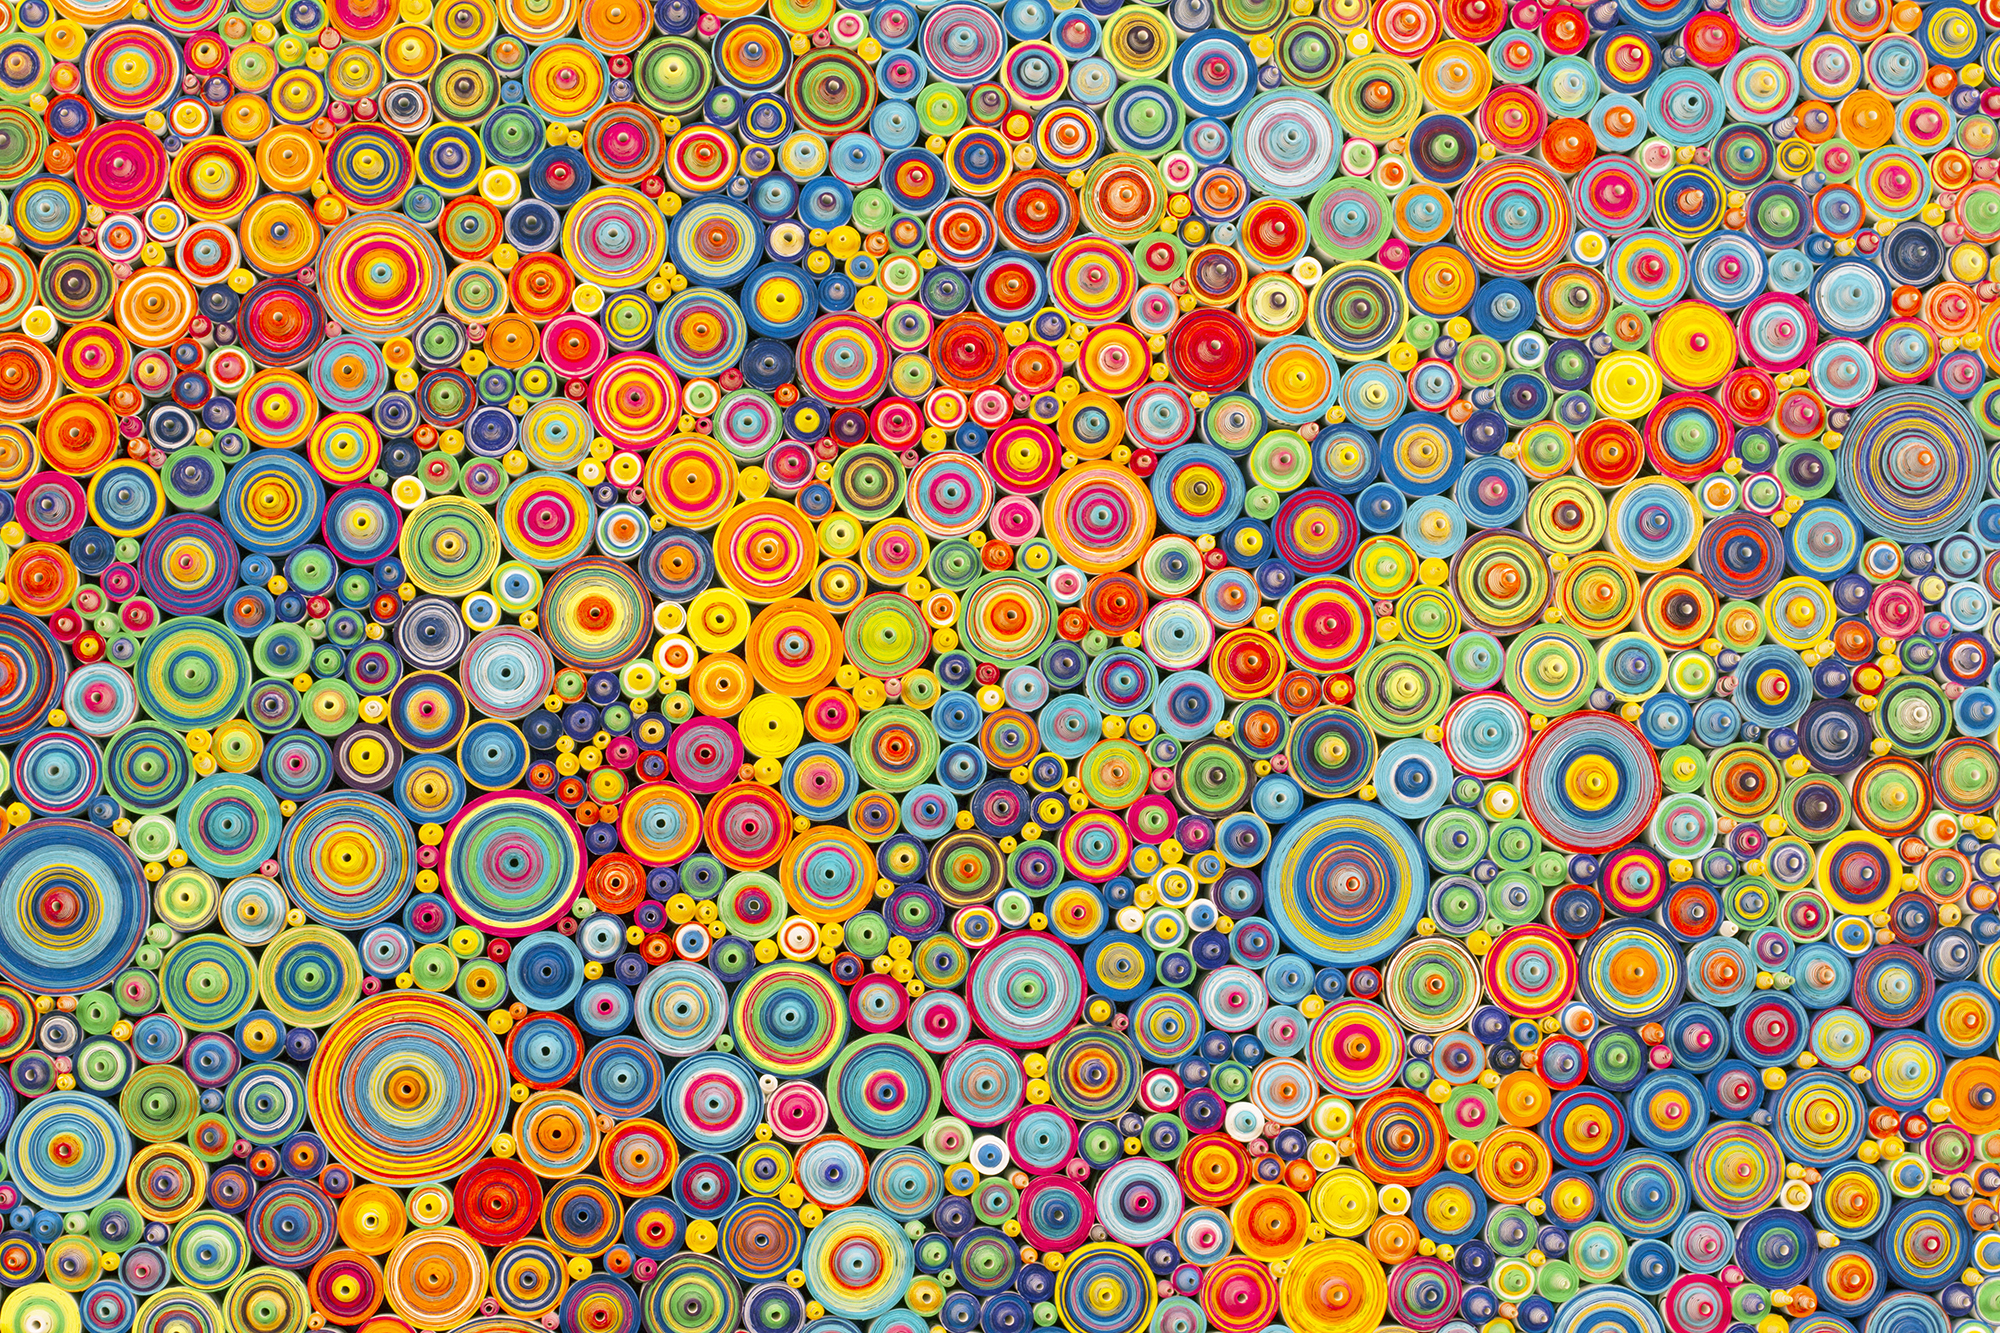 """أ7ألوان، ورق ملفوف يحتوي على الكلمة الفارسية عشق مكتوبة بخط اليد والتي تعني """"الحب/الشغف""""، حبر على أساس الماء والأكريليك. 36أبعاد اللوحة × 4 1/2 بوصة (91.4 سم × 11.4) 2015"""